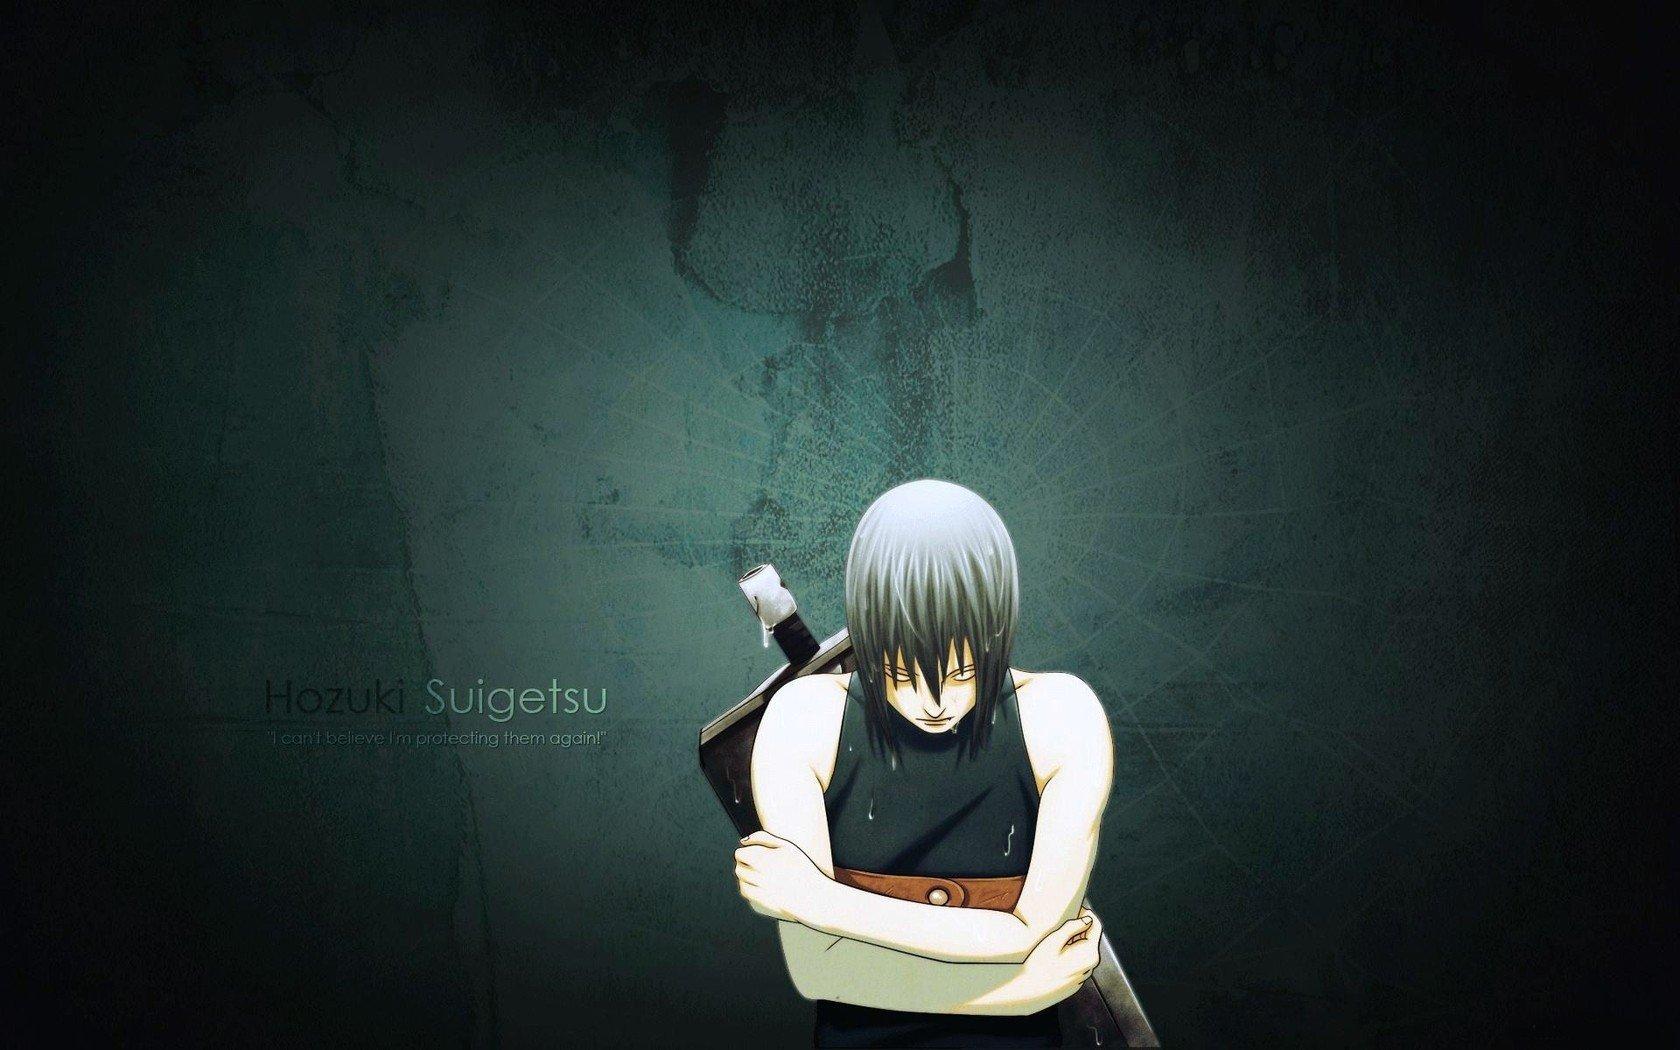 Most Inspiring Wallpaper Naruto Quotes - 198d11775ddf884a07ec9fbabdea0473  Image_386018.jpg